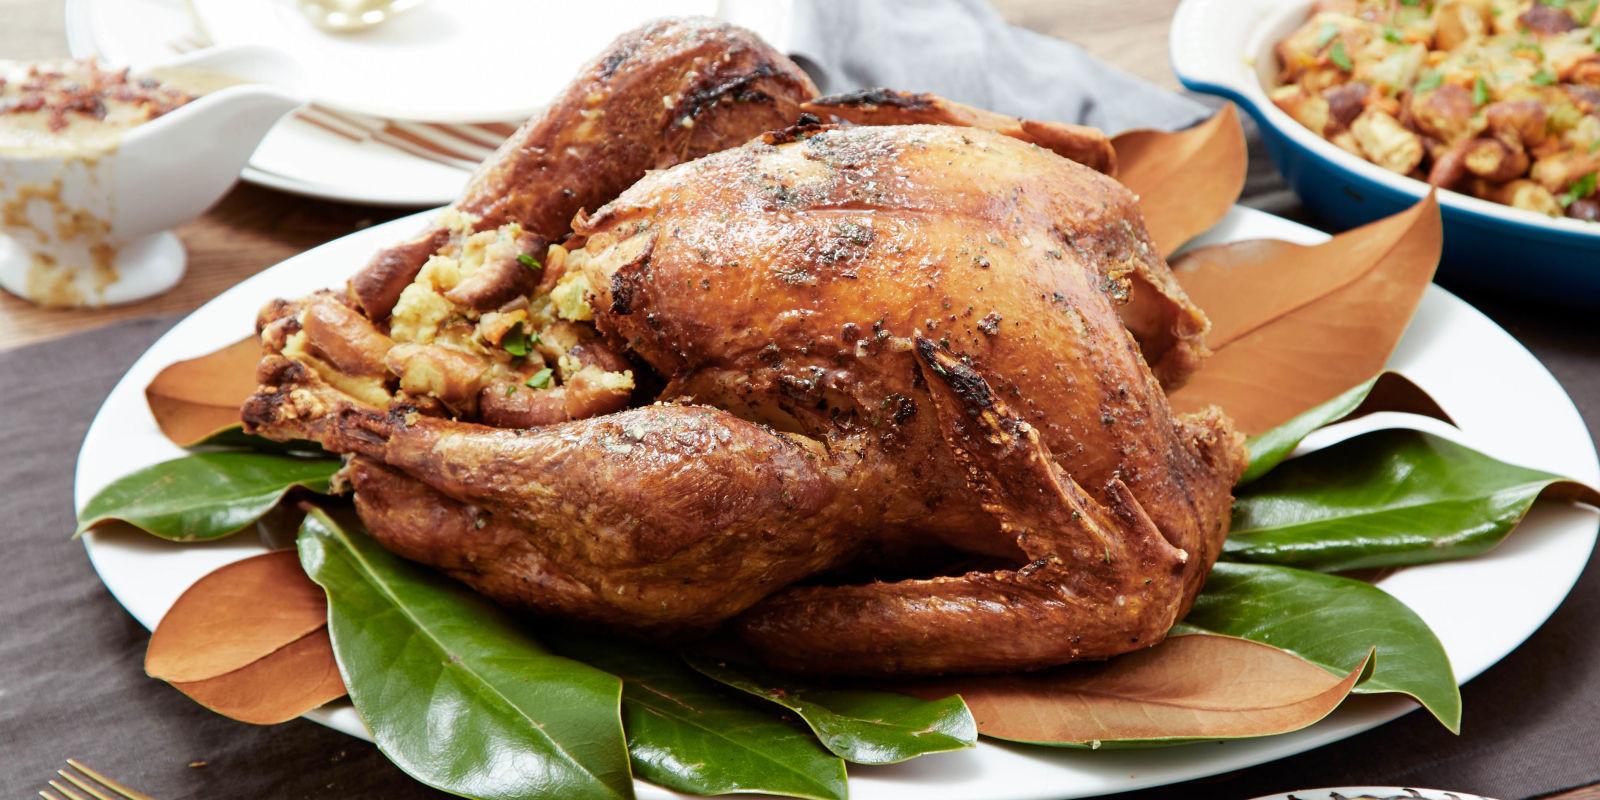 Recipes For Thanksgiving Turkey  2017 Thanksgiving Dinner Recipes Thanksgiving Menu Ideas